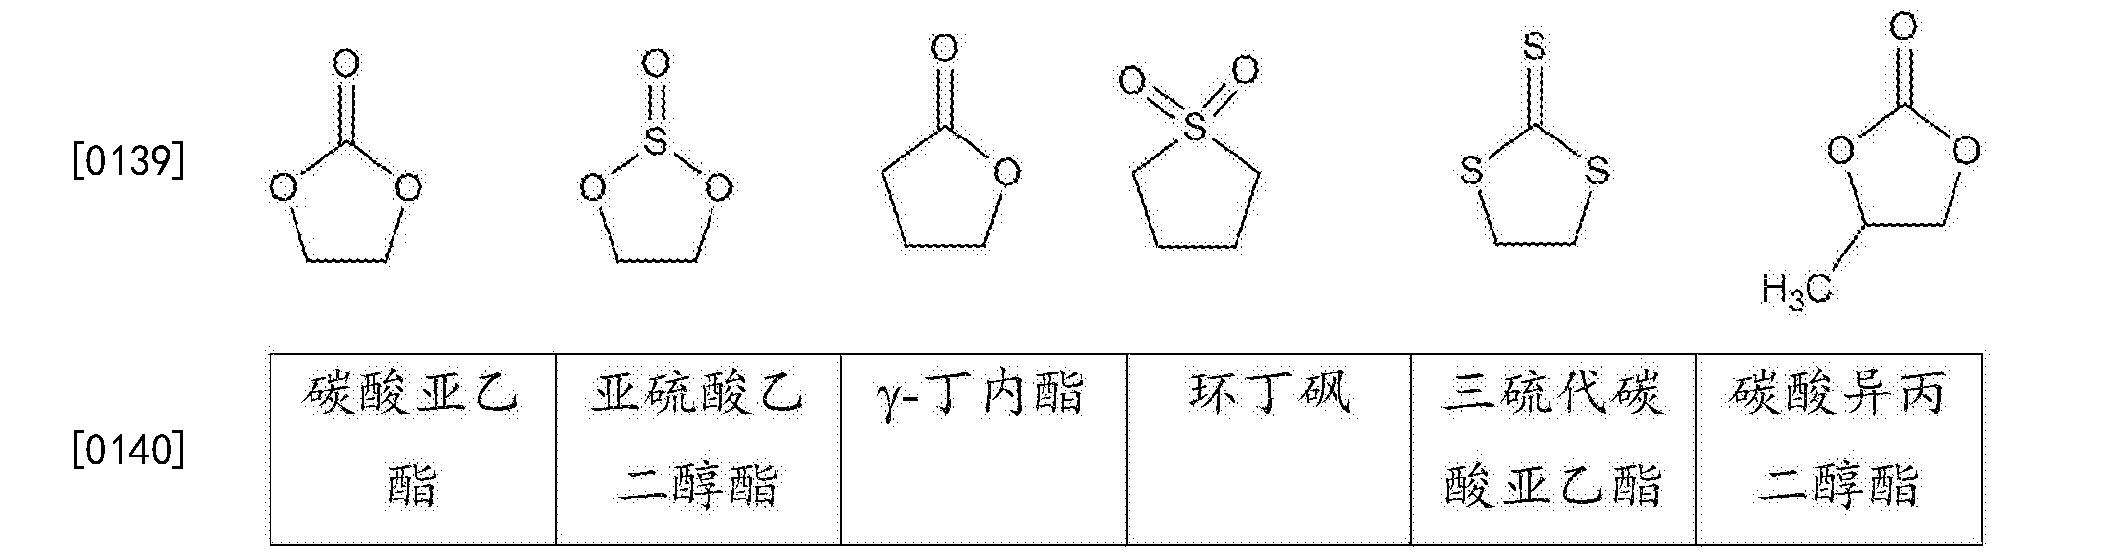 Figure CN102046808BD00231